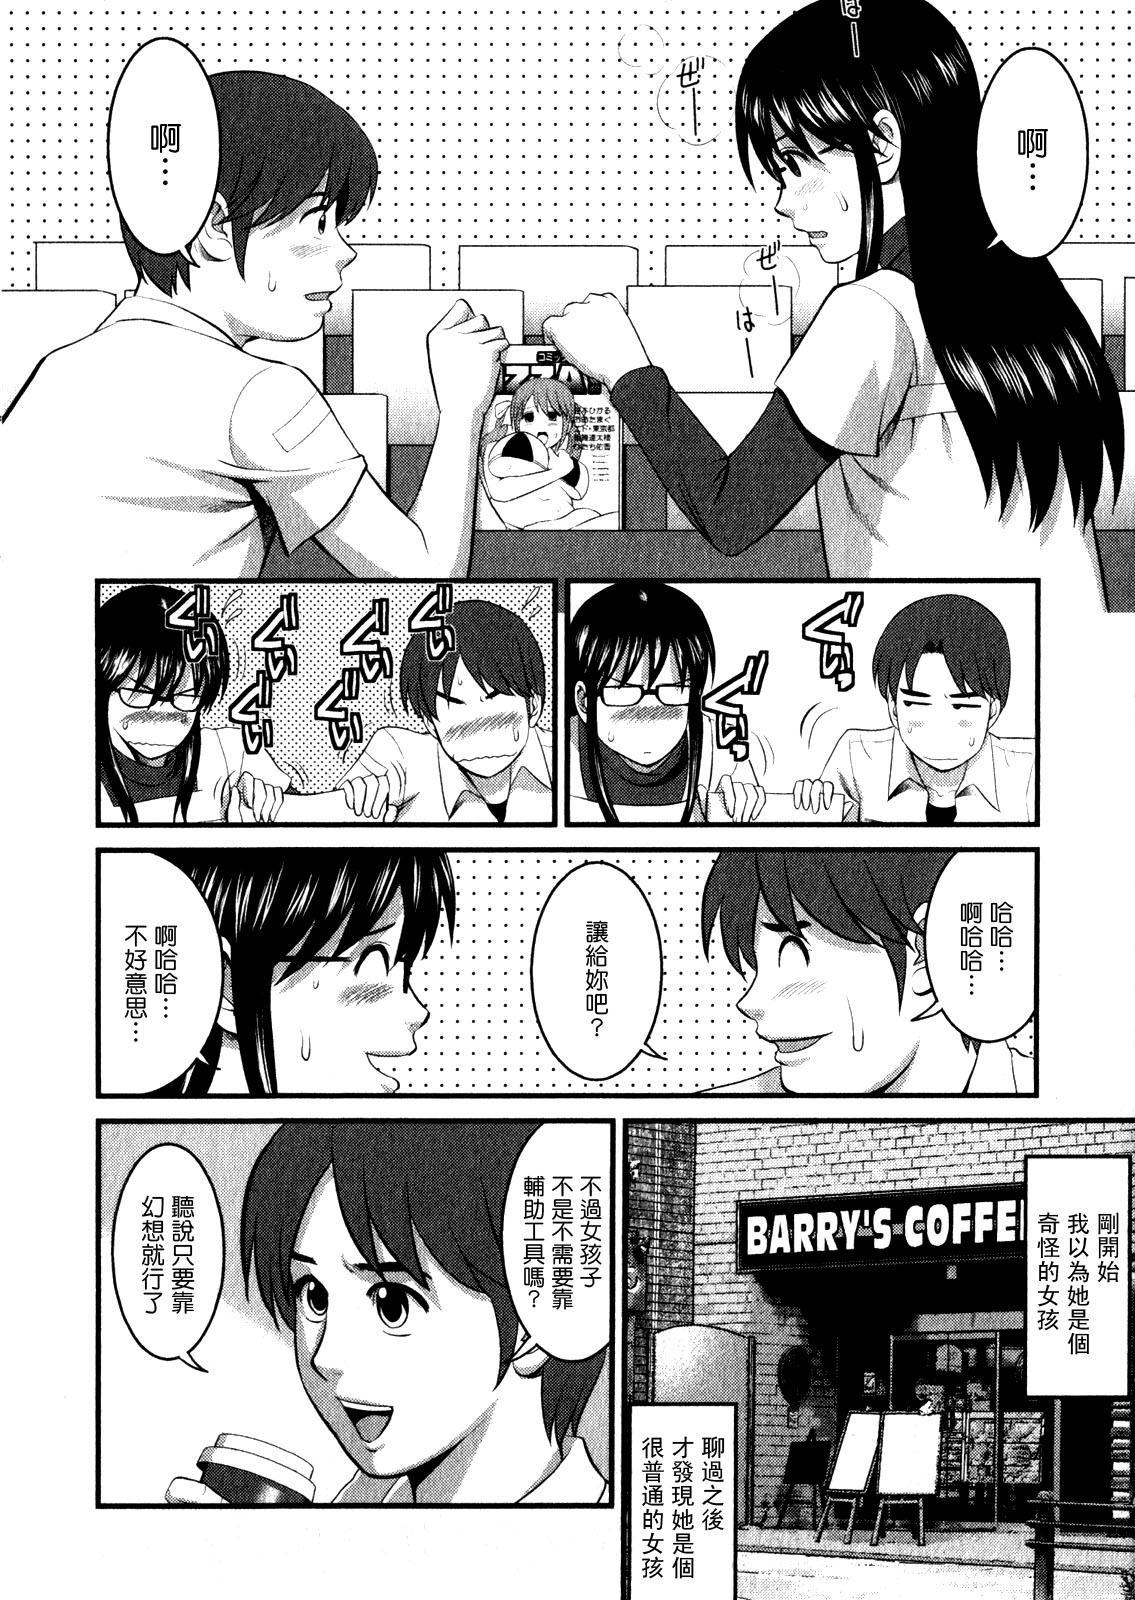 Otaku no Megami-san 1 133